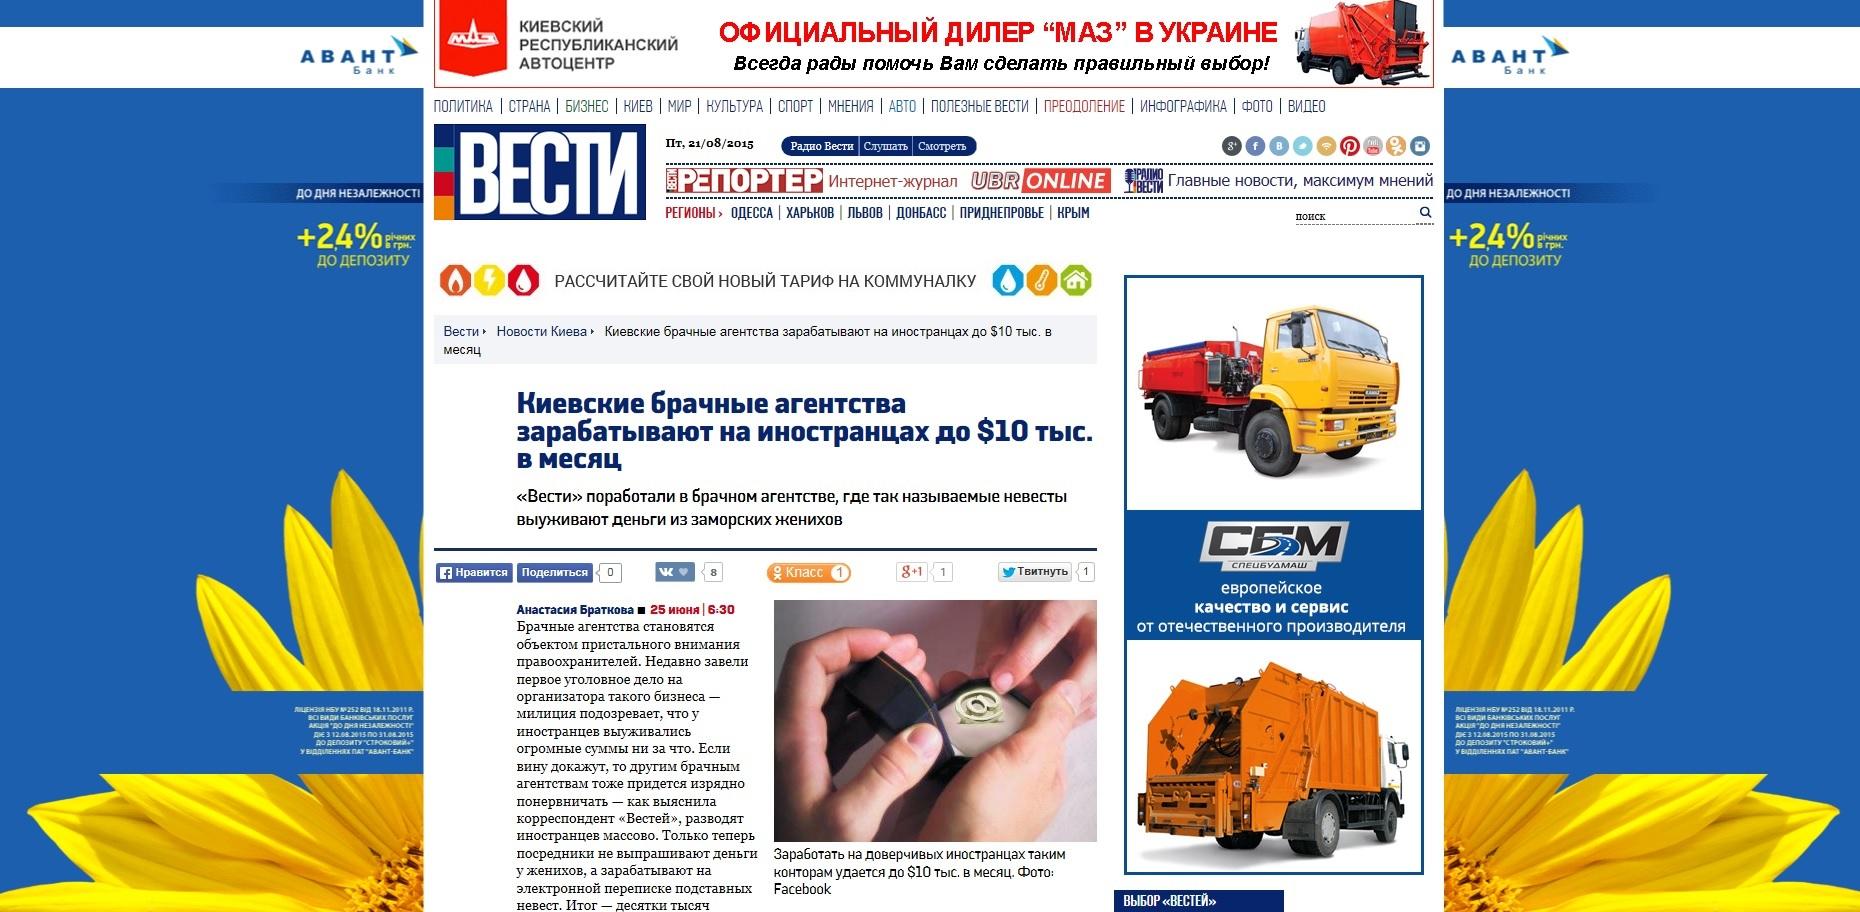 vesti-report-on-kiev-marriage-agencies